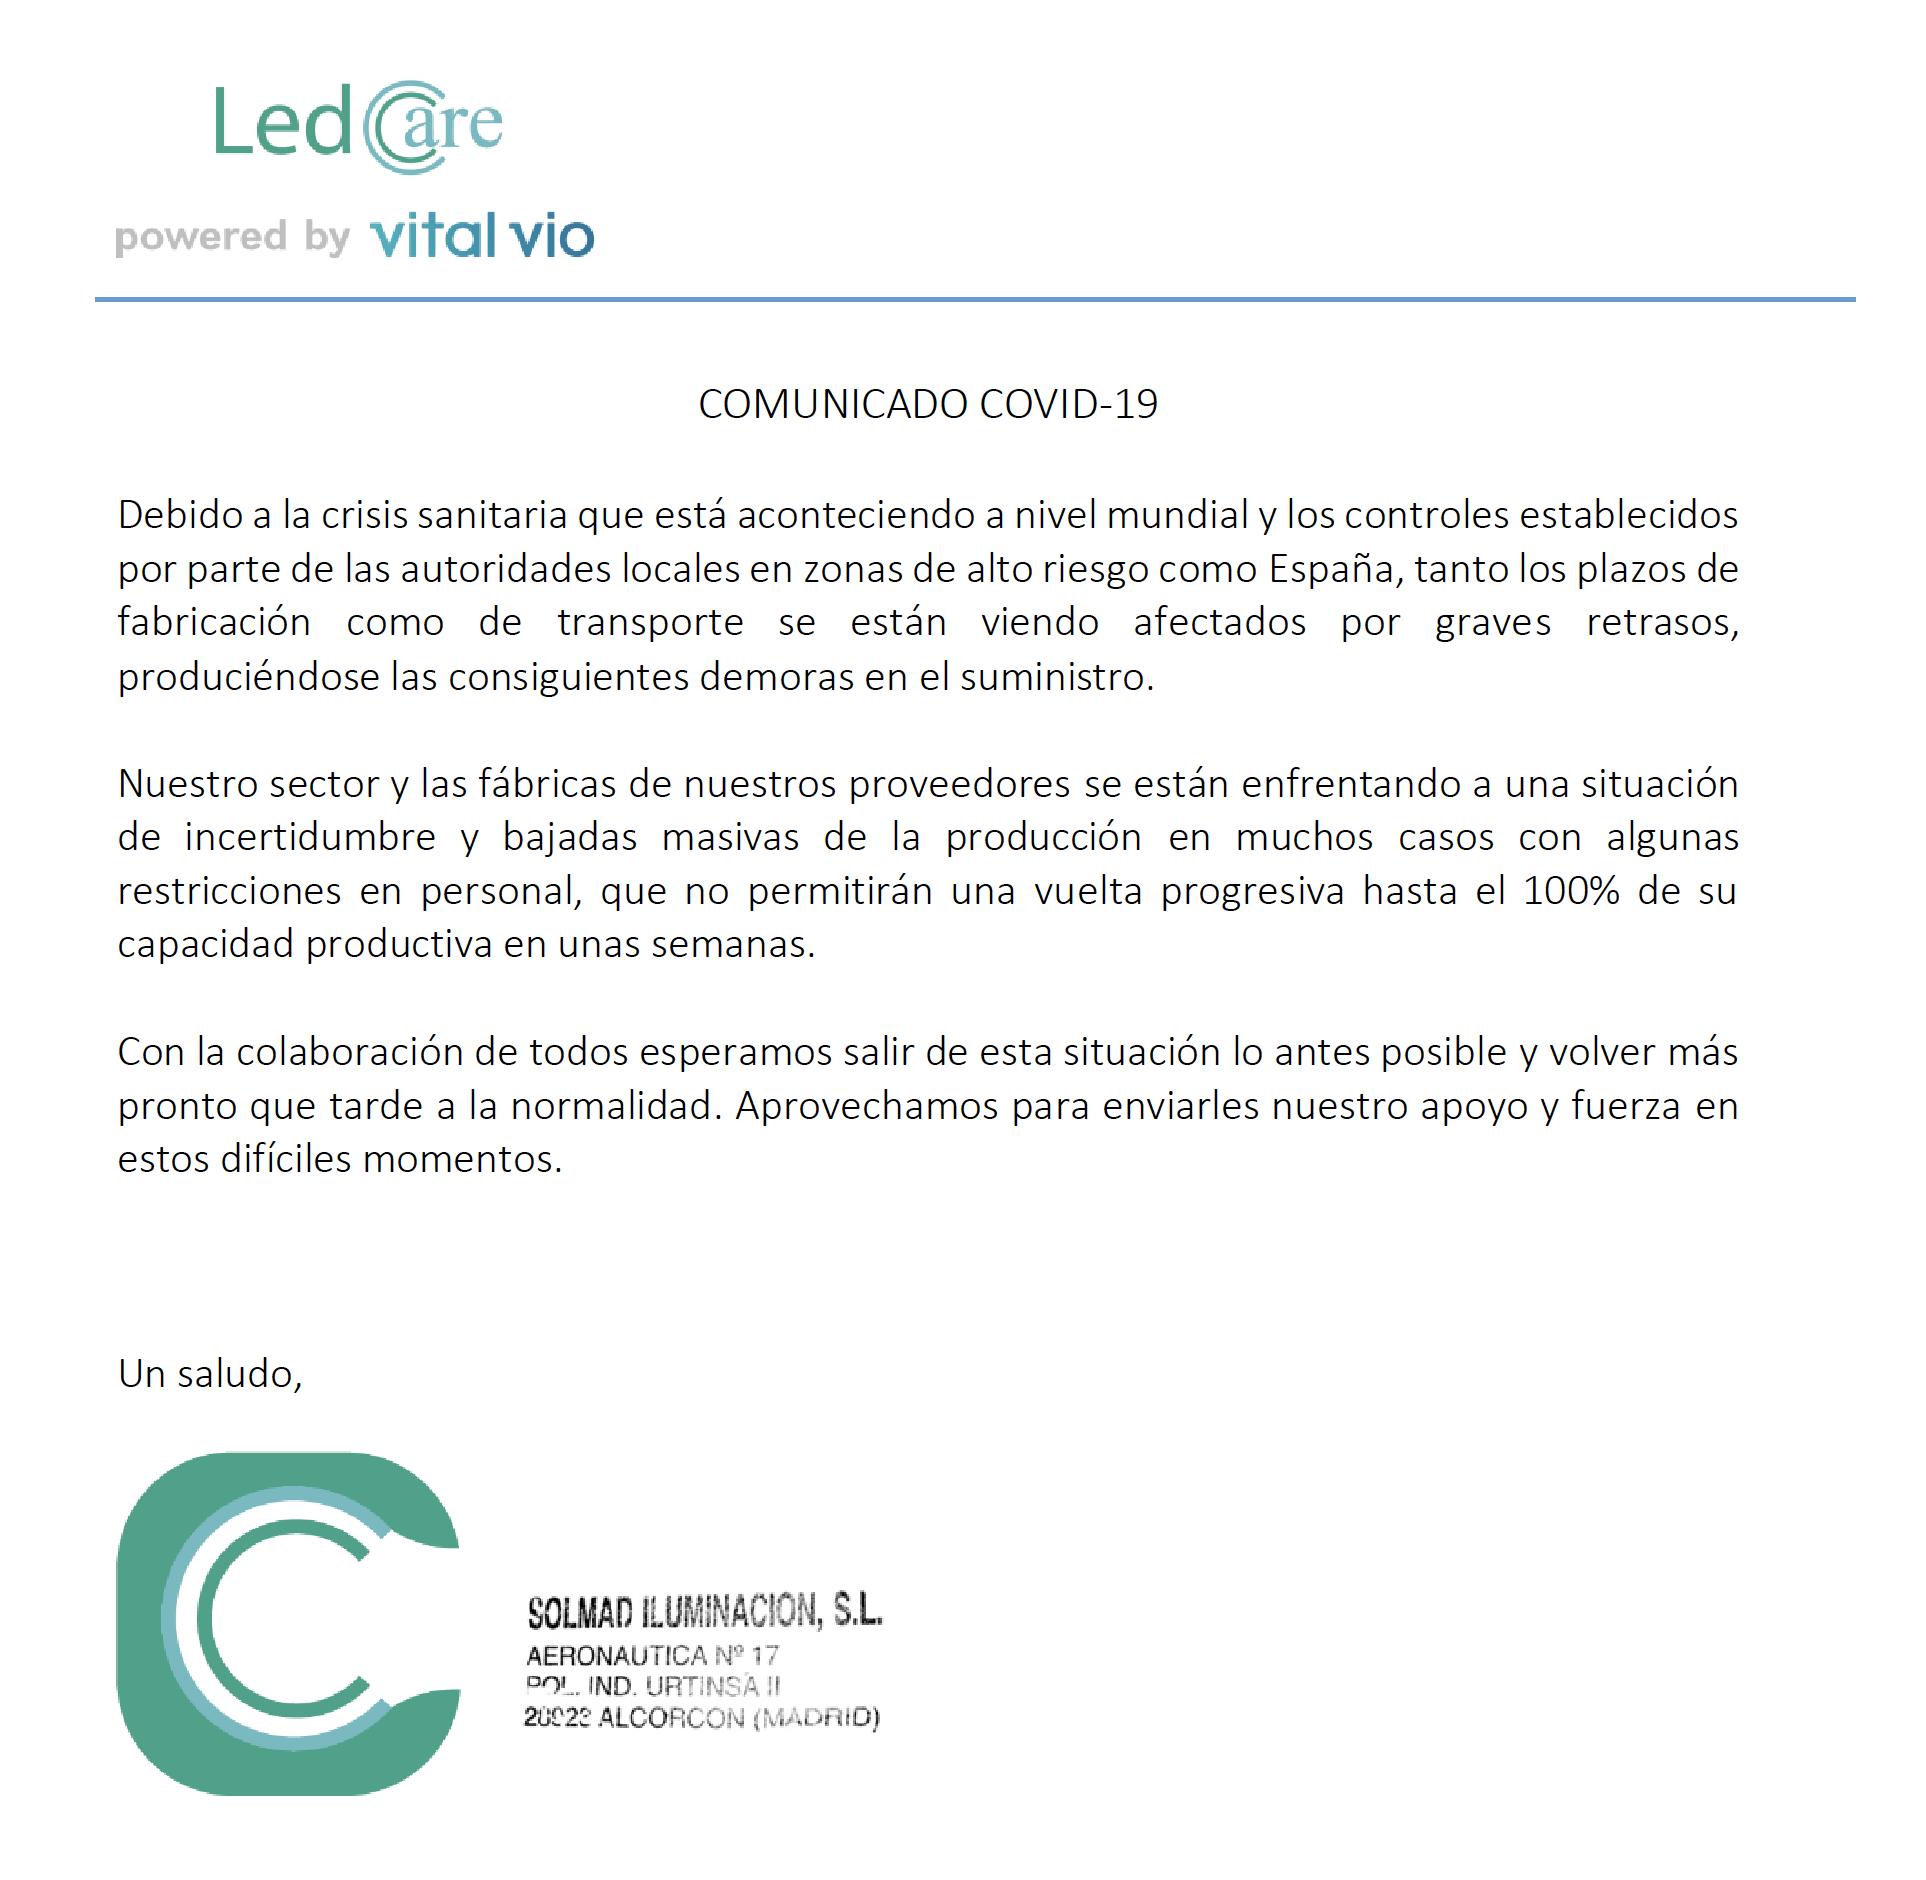 COMUNICADO ANTE COVID-19